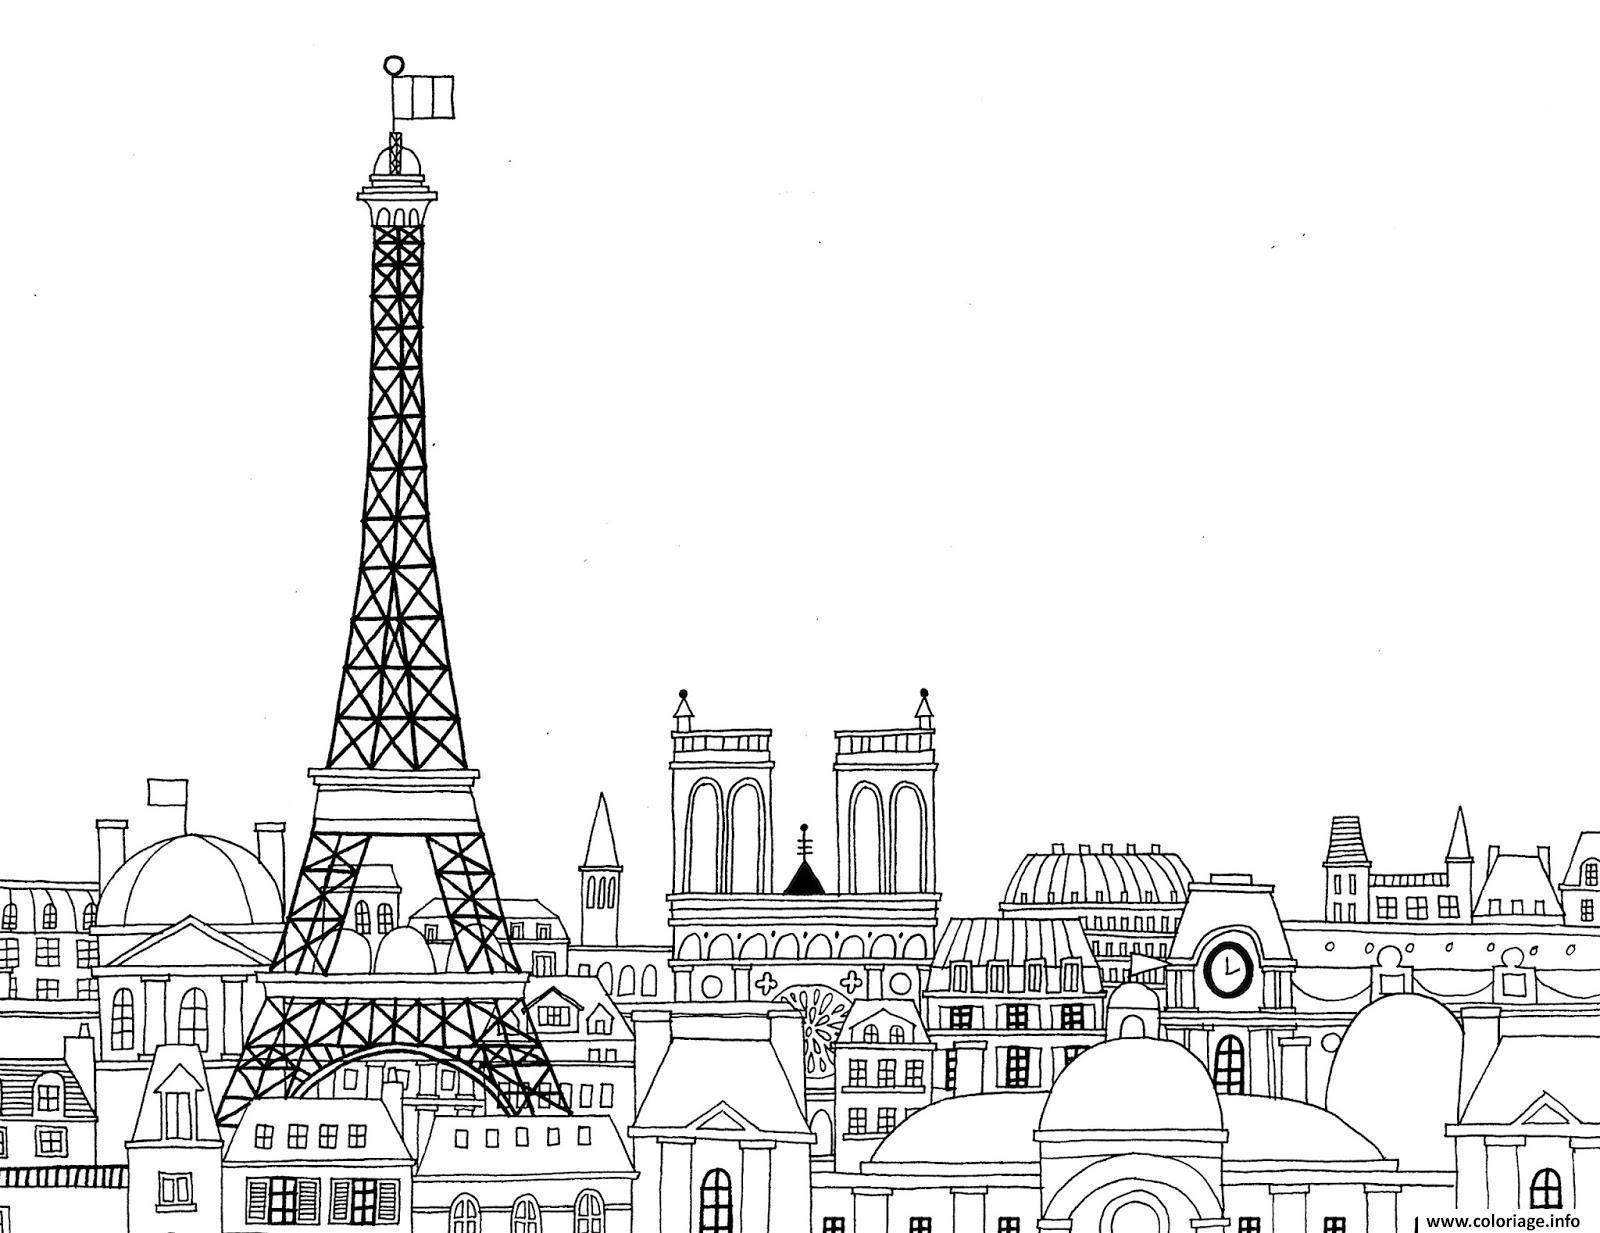 Dessin paris ville de france Coloriage Gratuit à Imprimer